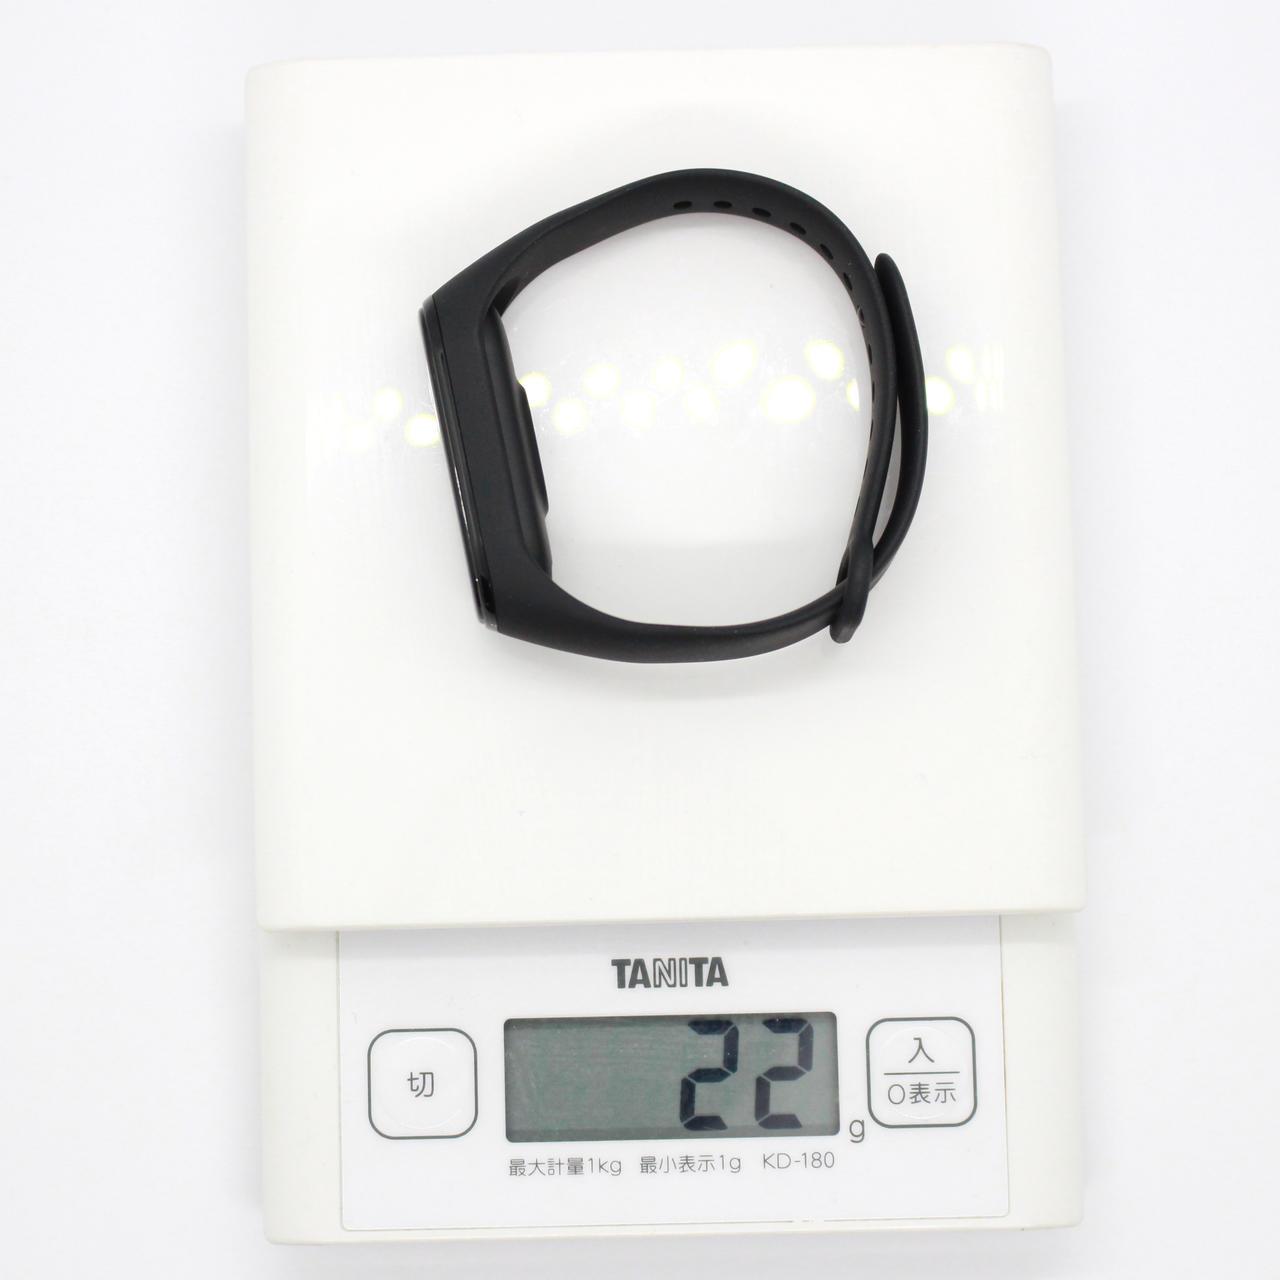 Mi Band 4の重量は22g